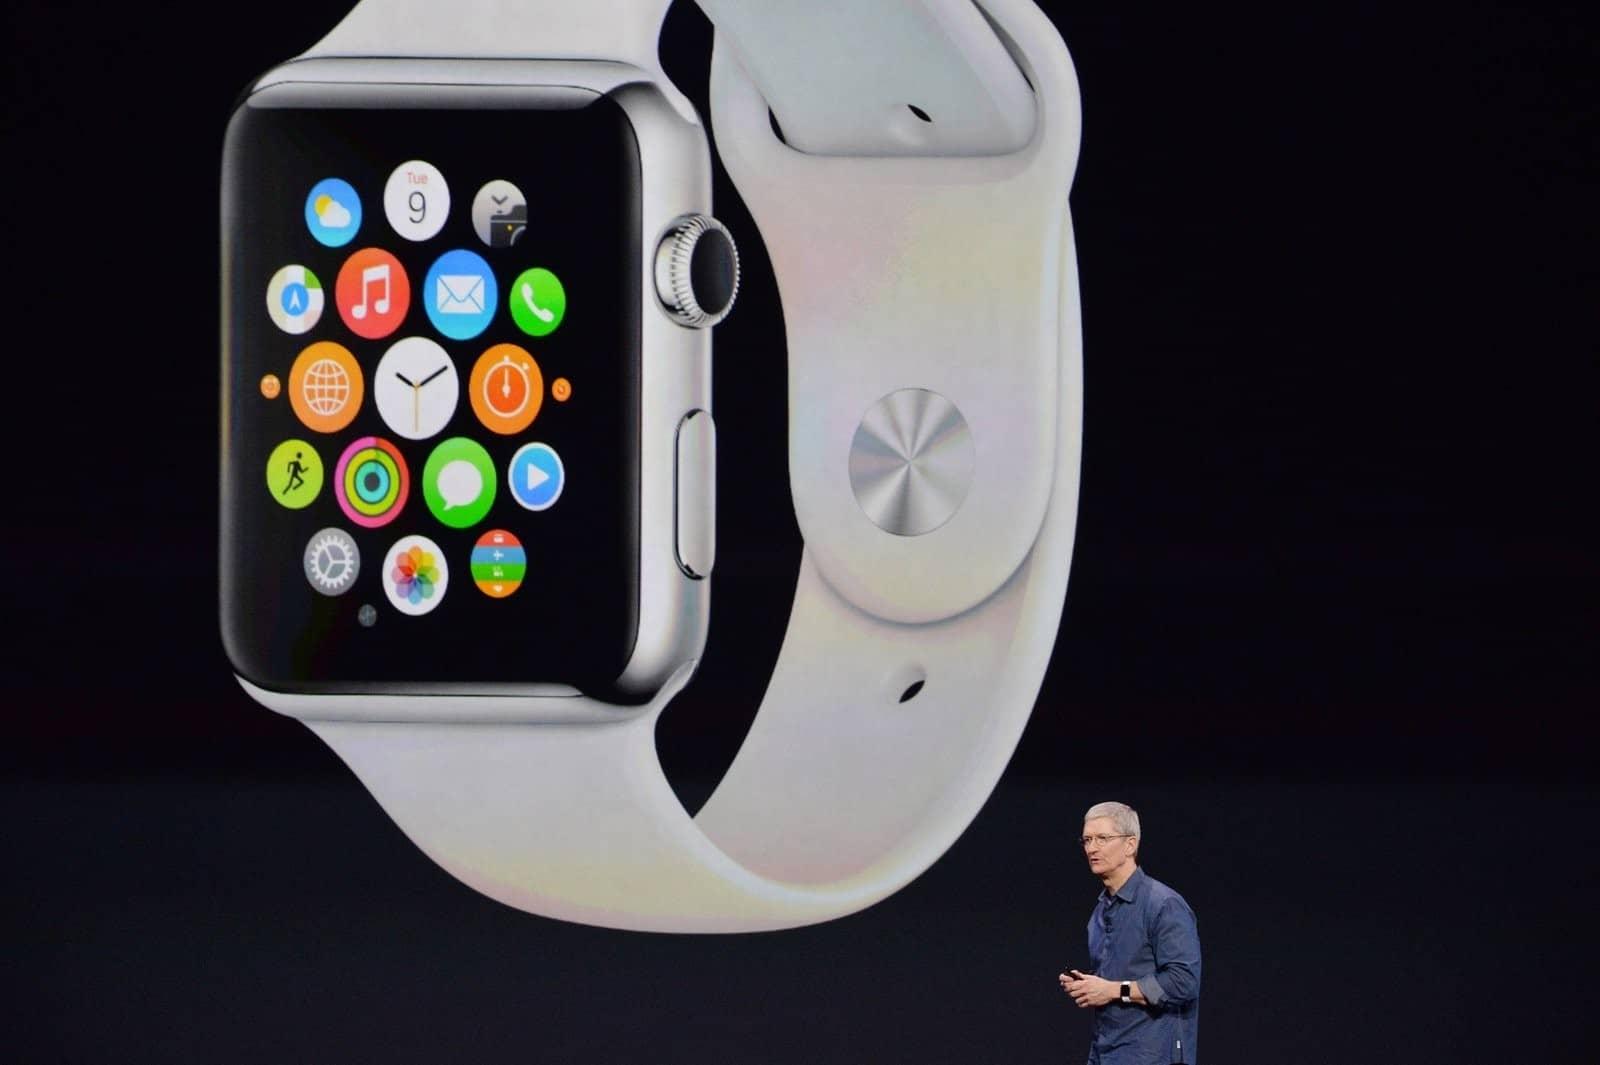 Tim Cook präsentiert das kommende Apple-Produkt (Foto: Web.de)